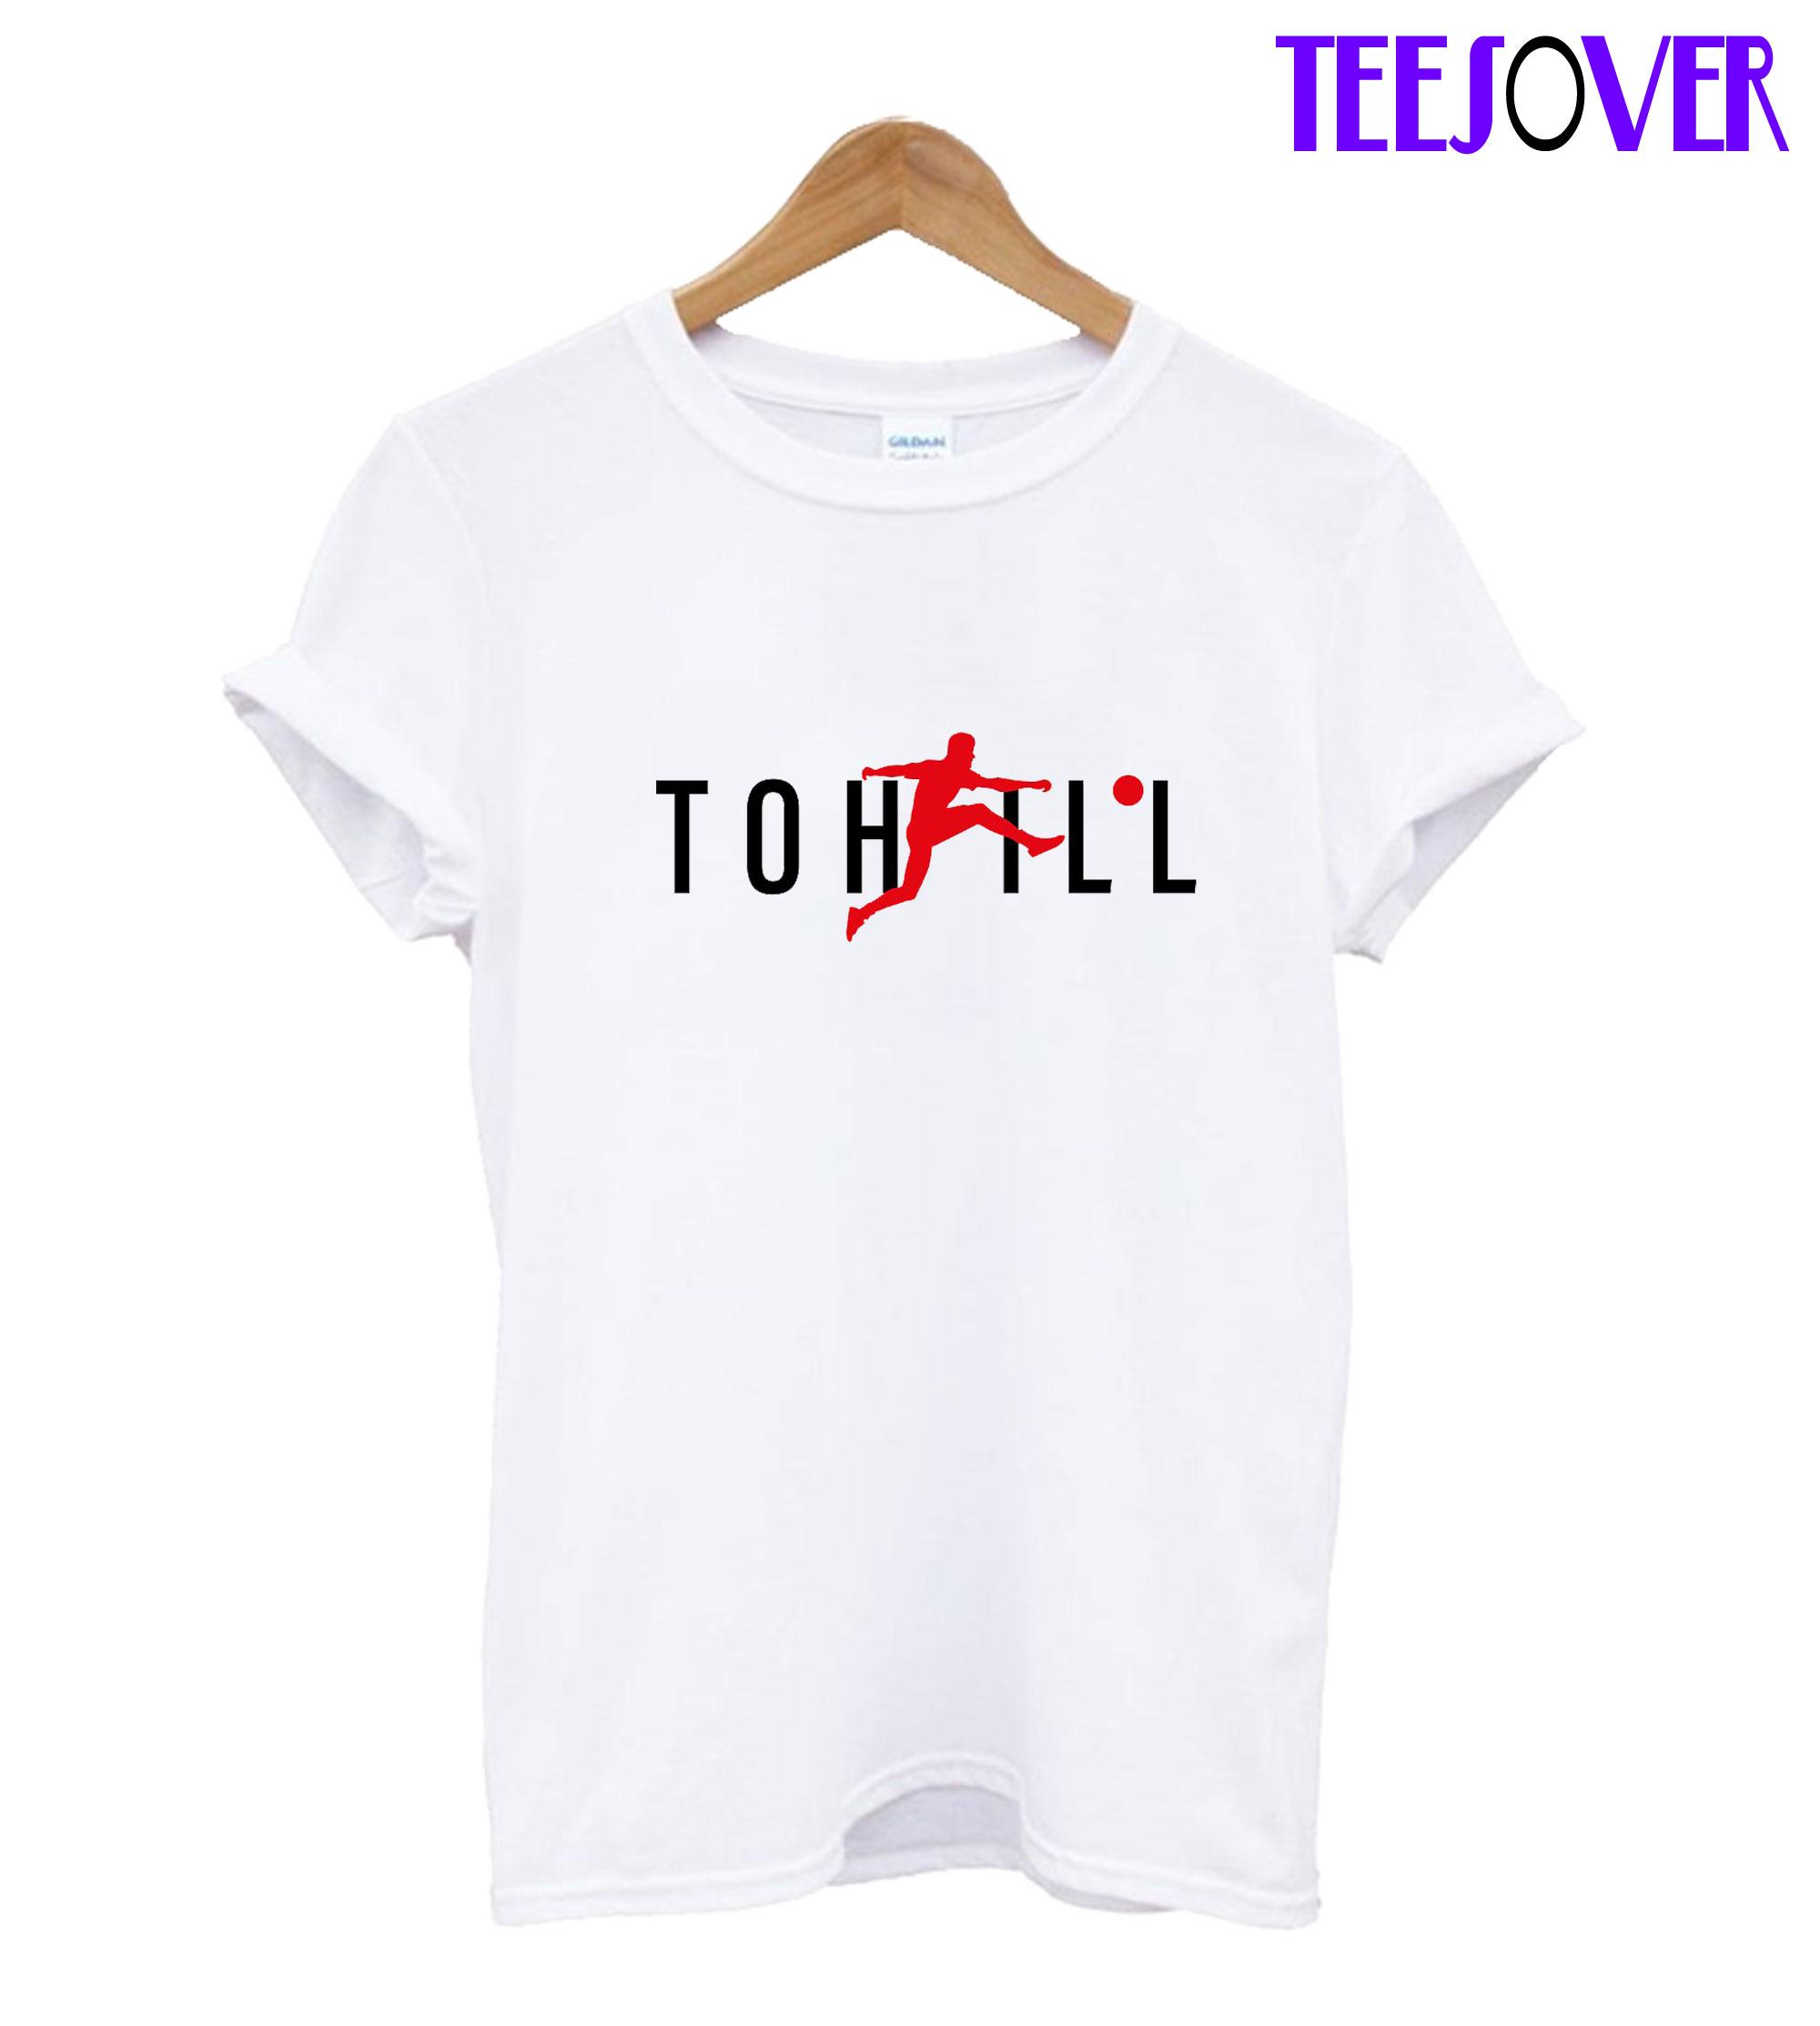 Tohill Legend T-Shirt